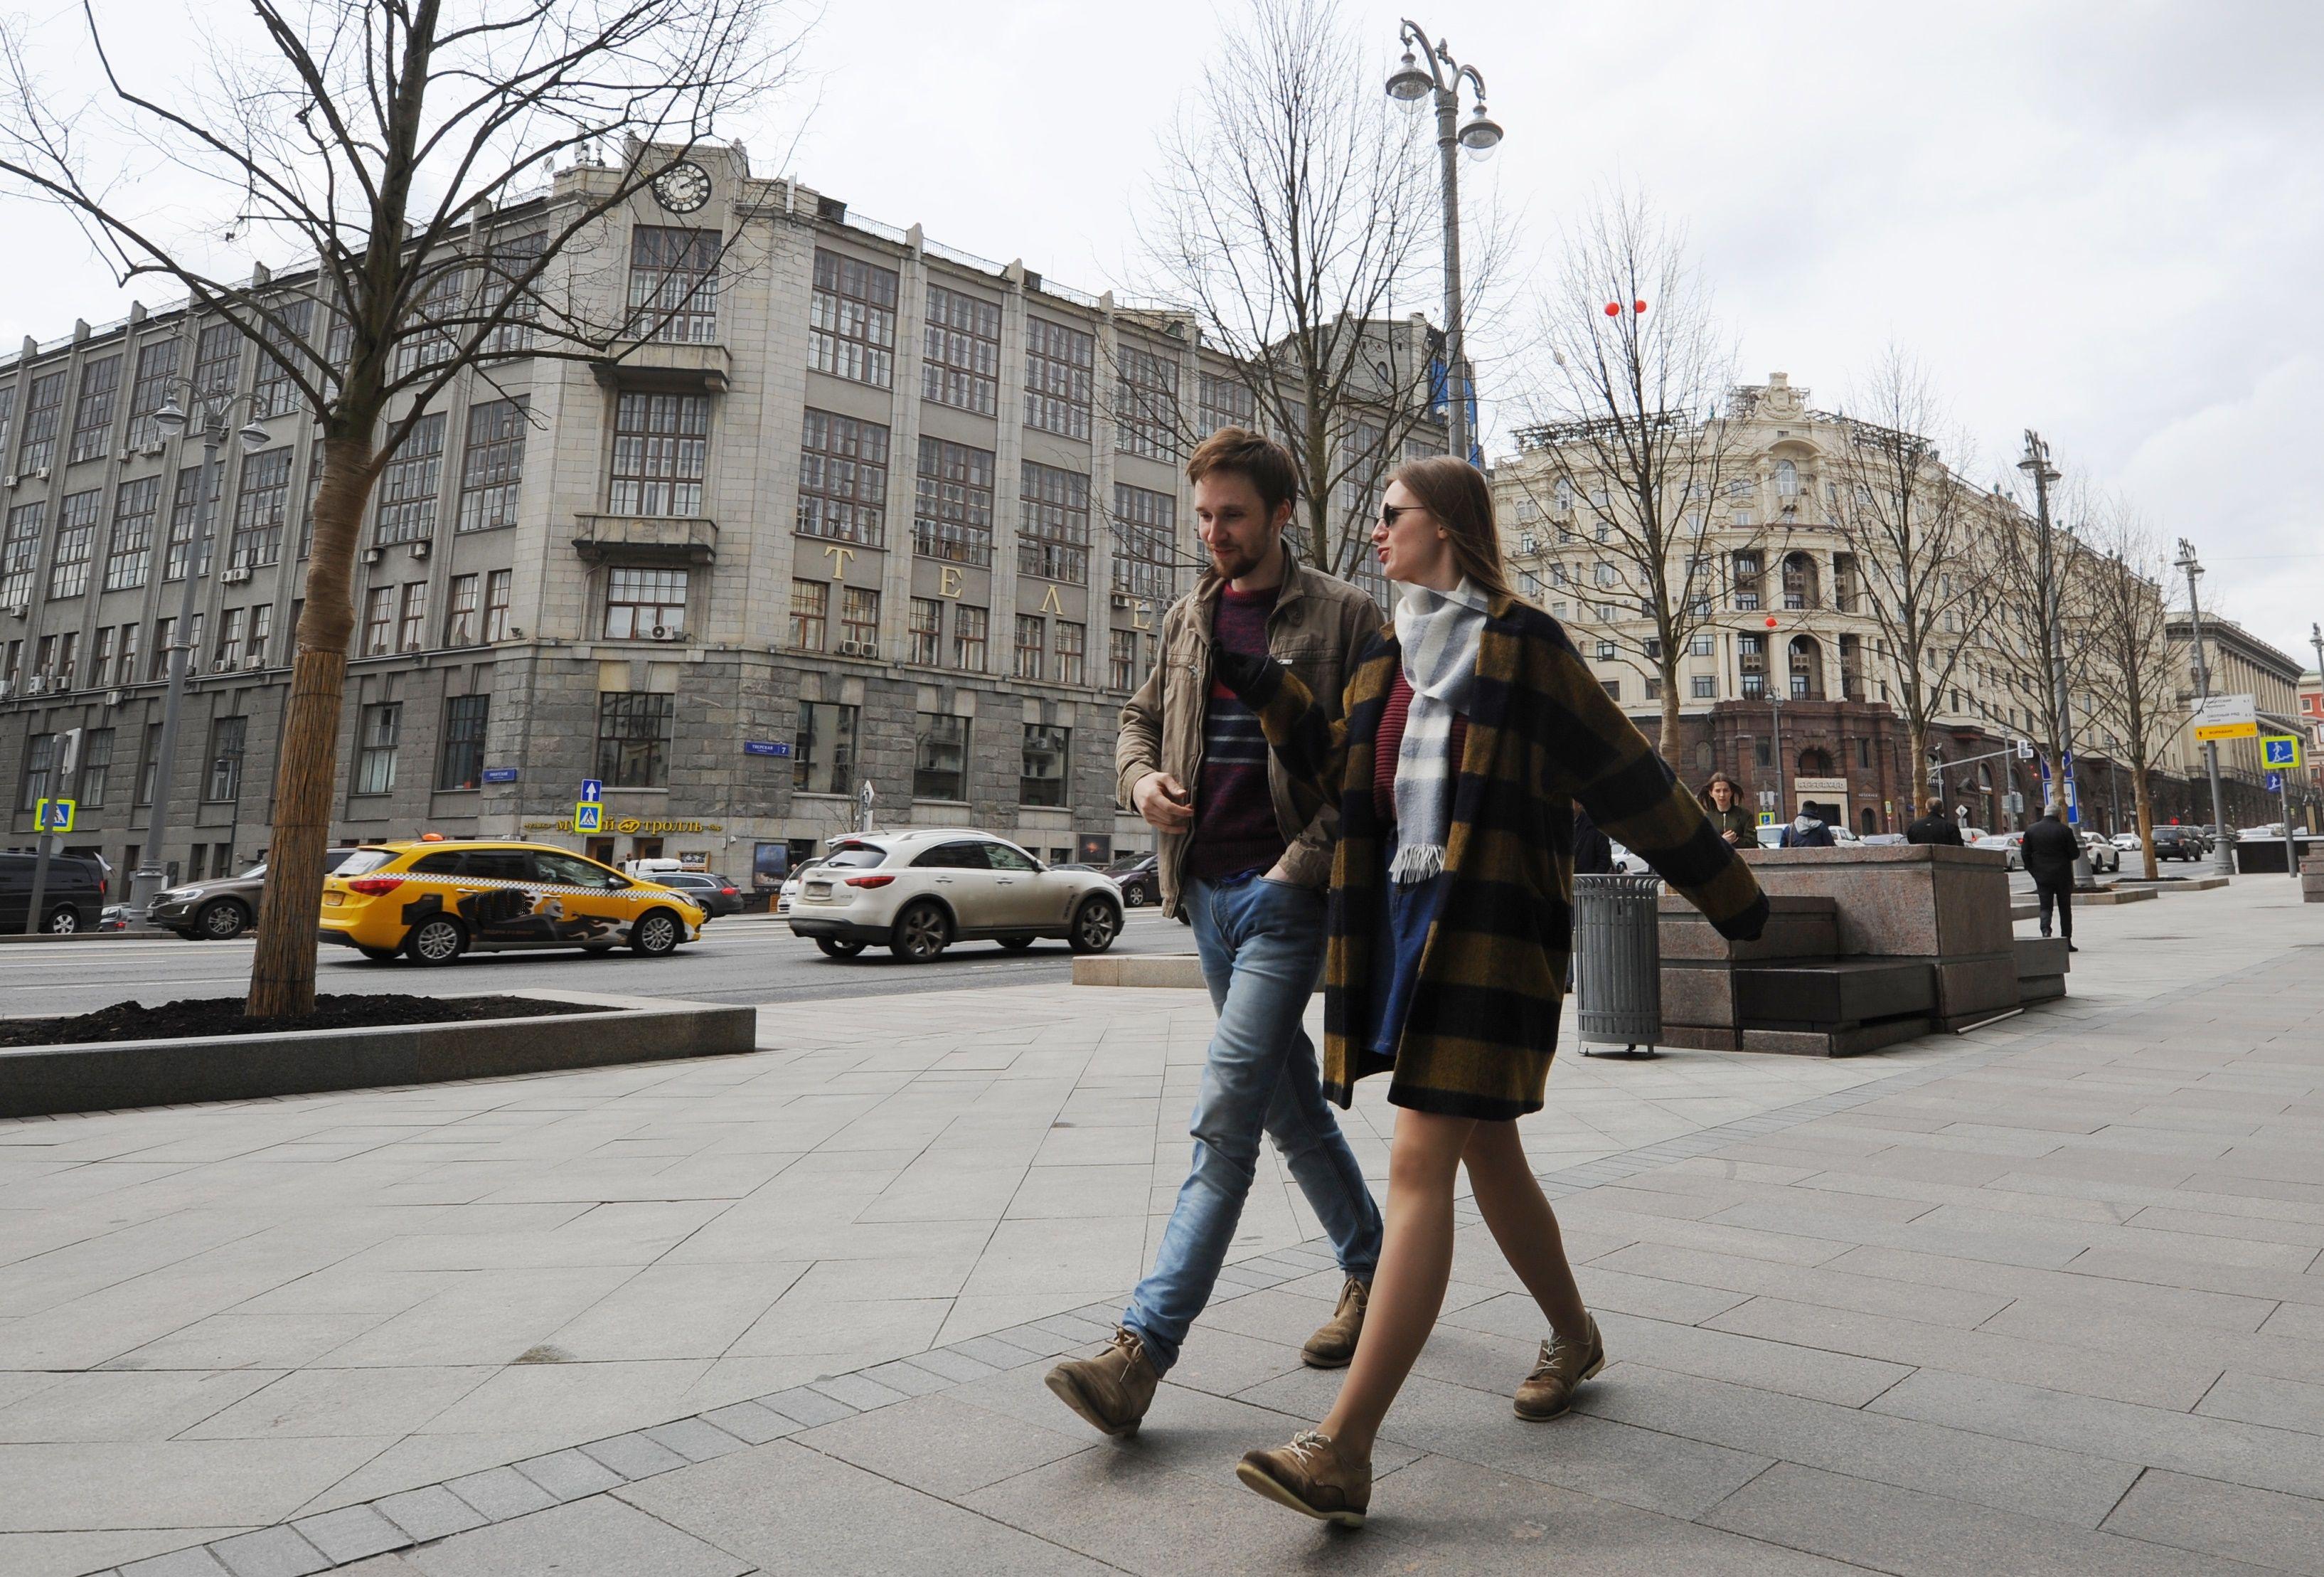 Москвичей ждет 20 градусов тепла во вторник